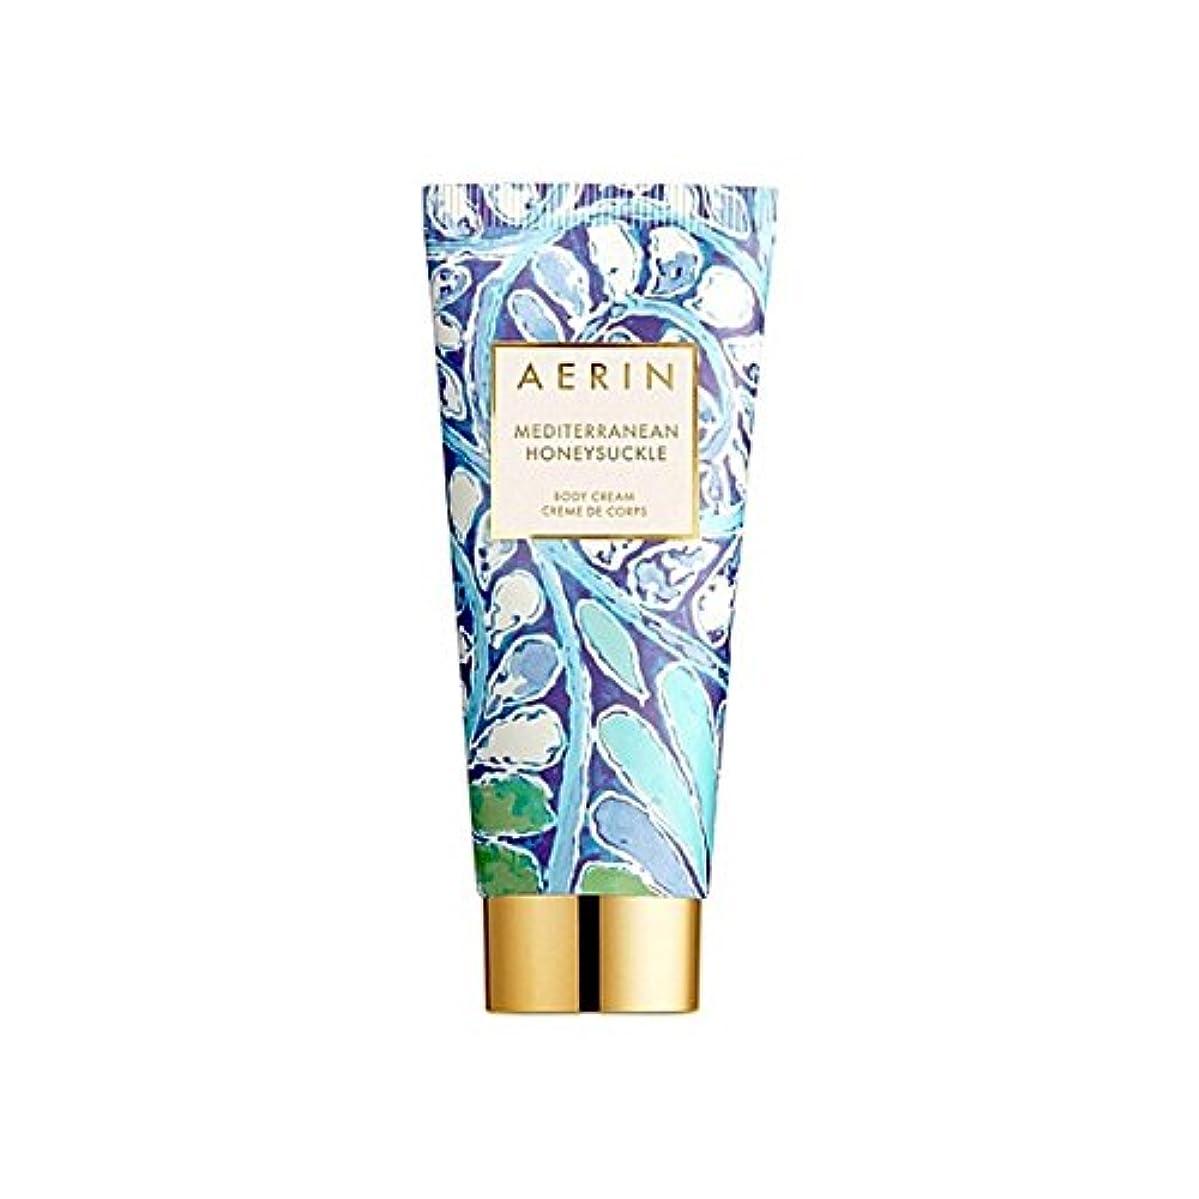 テレックス形状加速度Aerin Mediterrenean Honeysuckle Body Cream 150ml (Pack of 6) - スイカズラボディクリーム150ミリリットル x6 [並行輸入品]